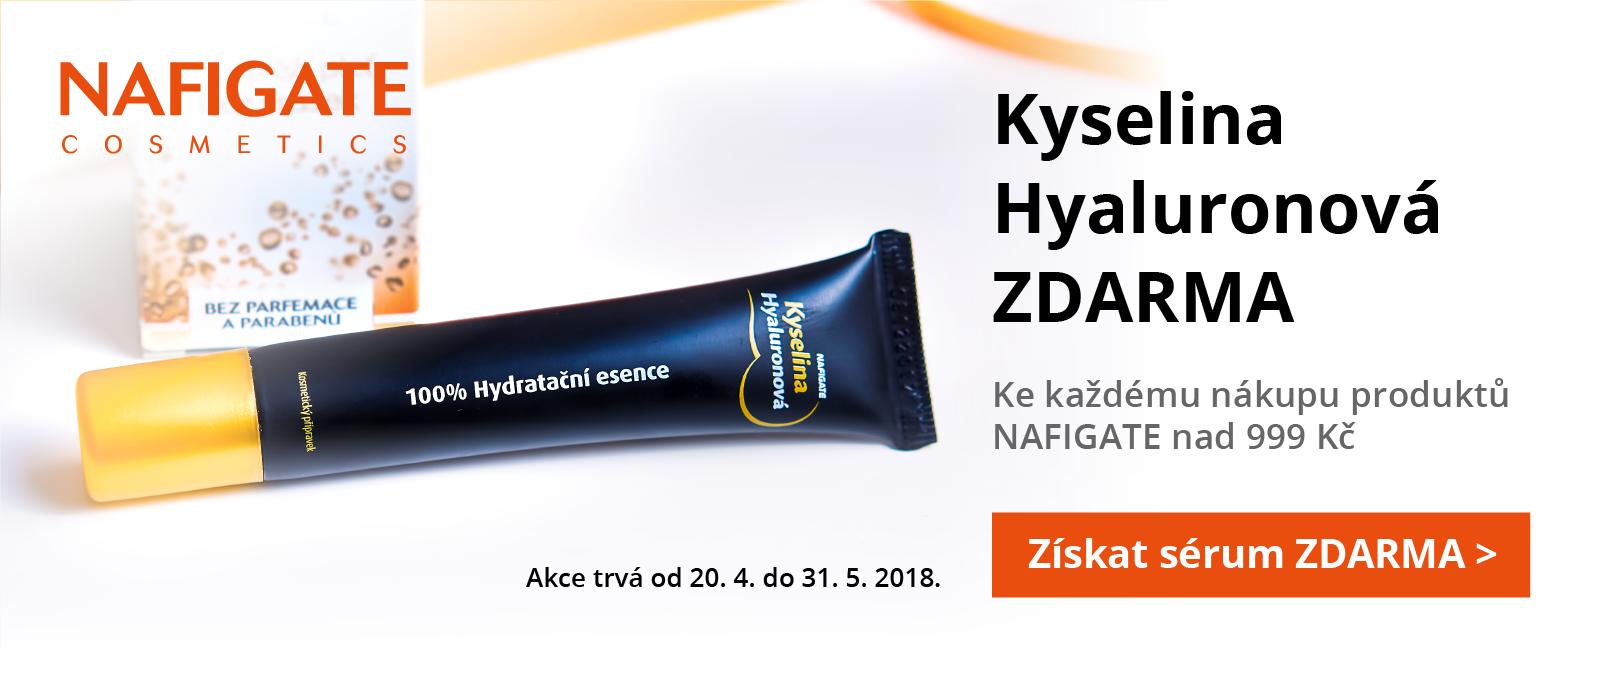 Kyselina Hyaluronová gel 20 ml v hodnotě 549 Kč ZDARMA ke každému mákupu produktů značky Nafigate nad 999 Kč